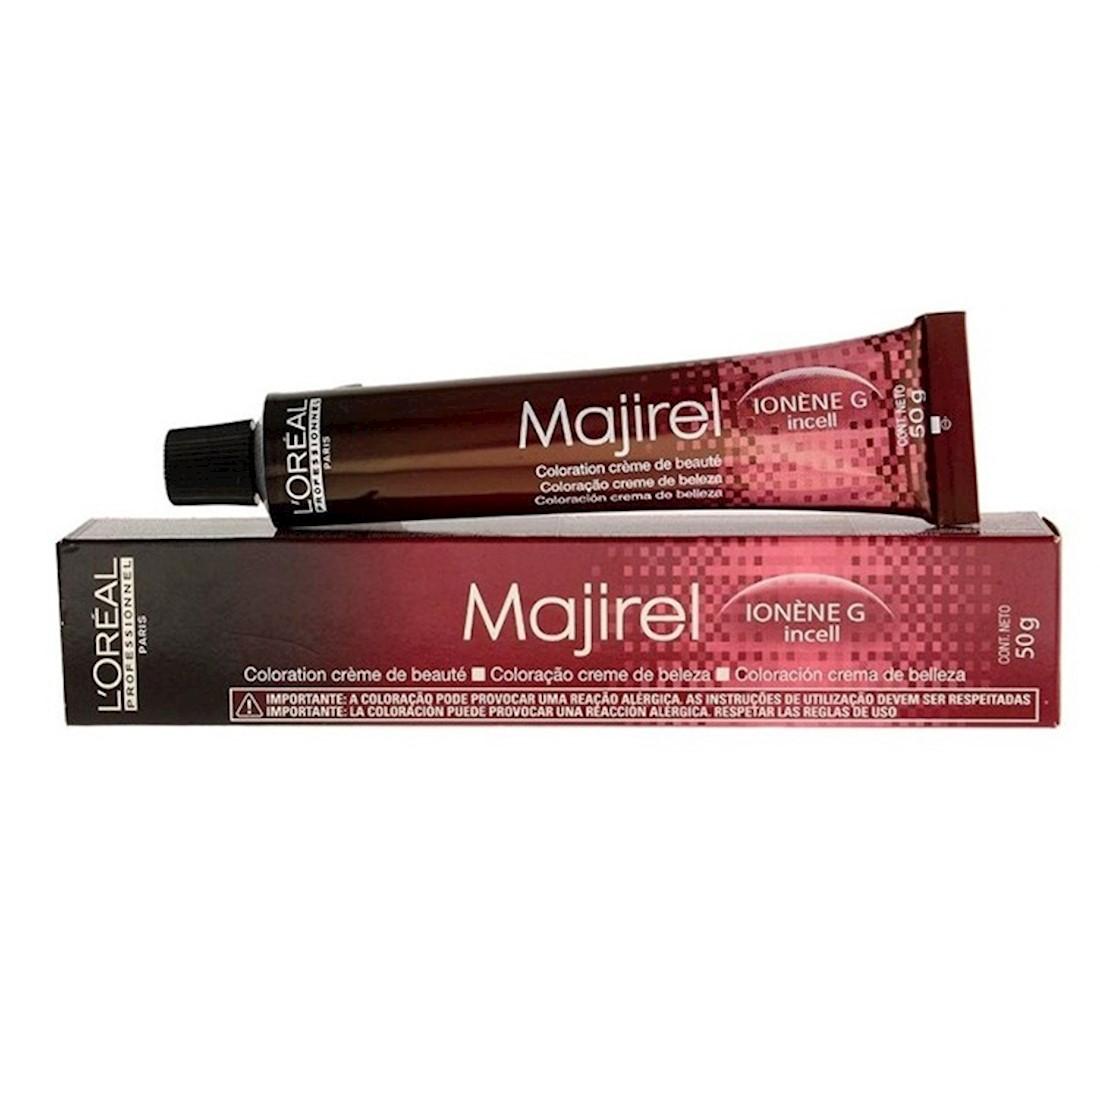 Coloração Majirel 8,34 (Louro Claro Dourado Acobreado ) da L'Oreal  50g